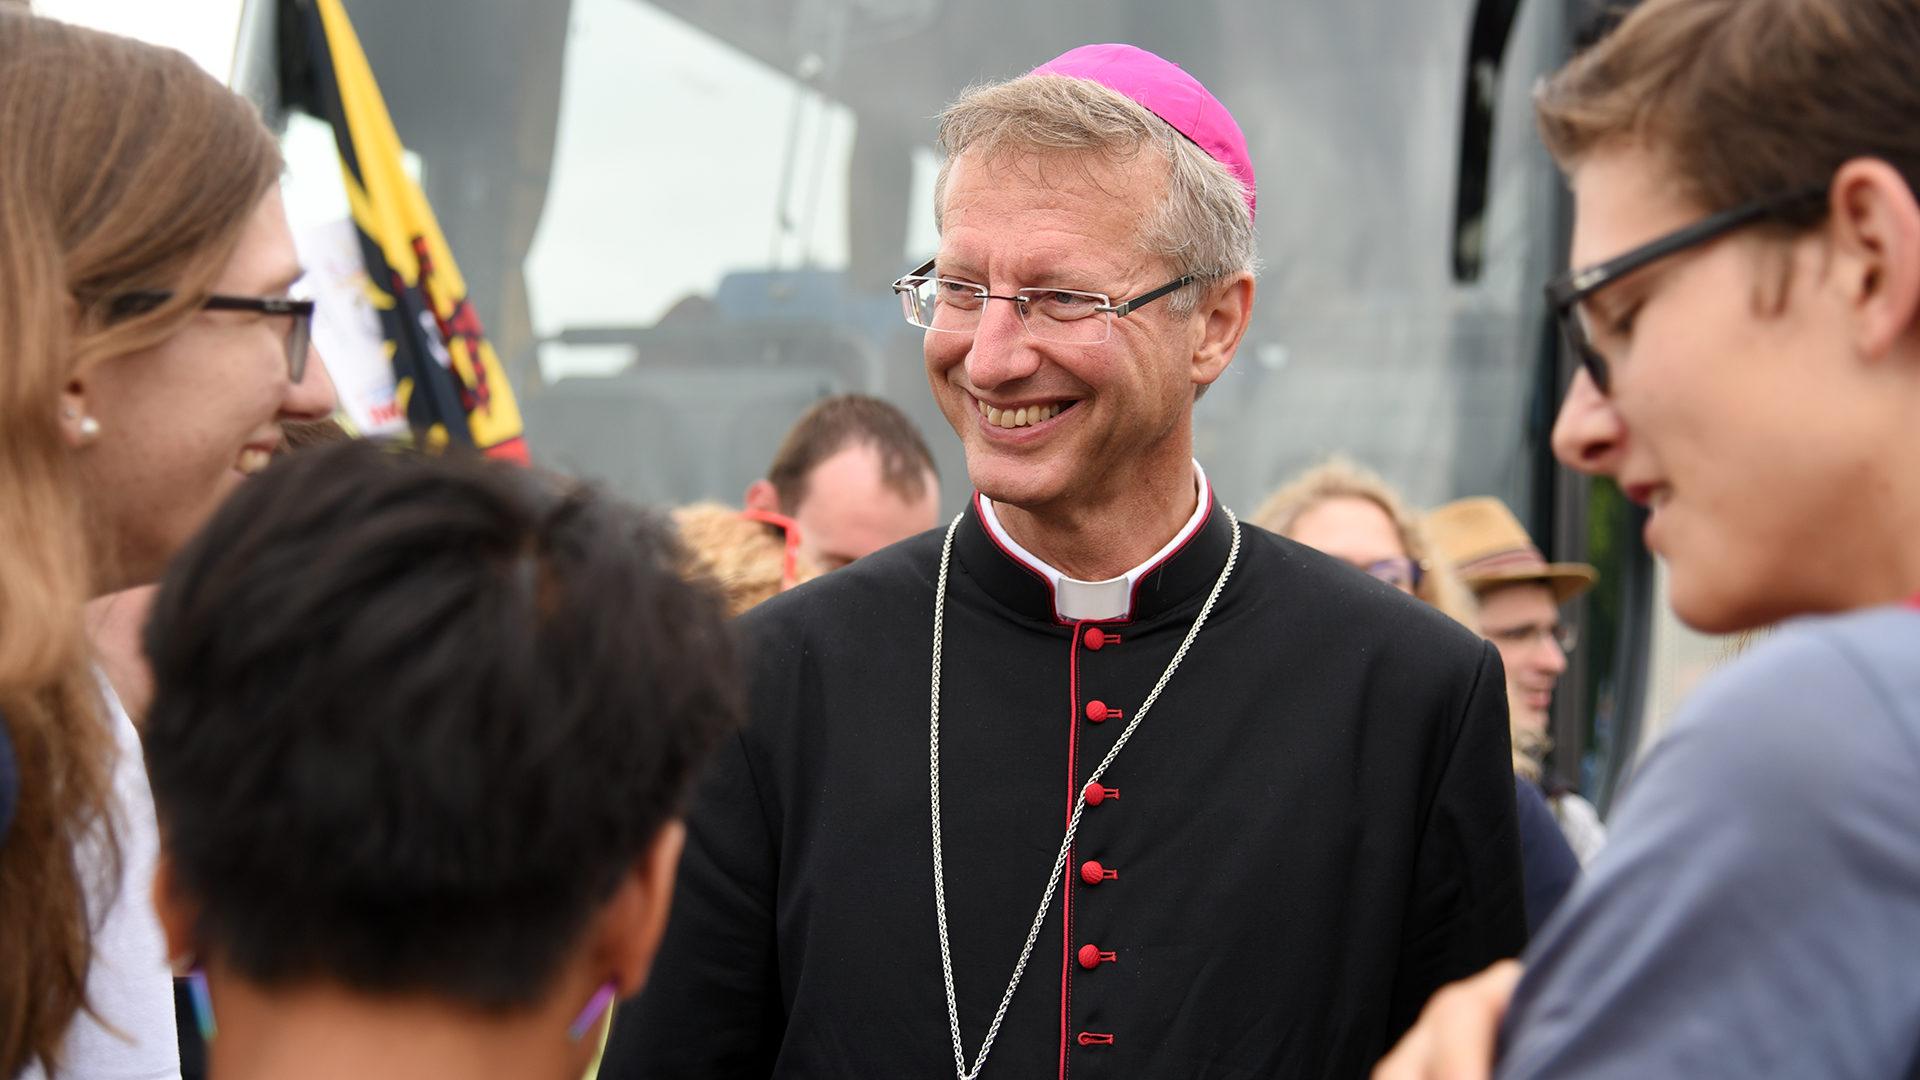 Pour l'évêque des jeunes, les JMJ sont un élément central de la pastorale jeunesse (Photo: Pierre Pistoletti)